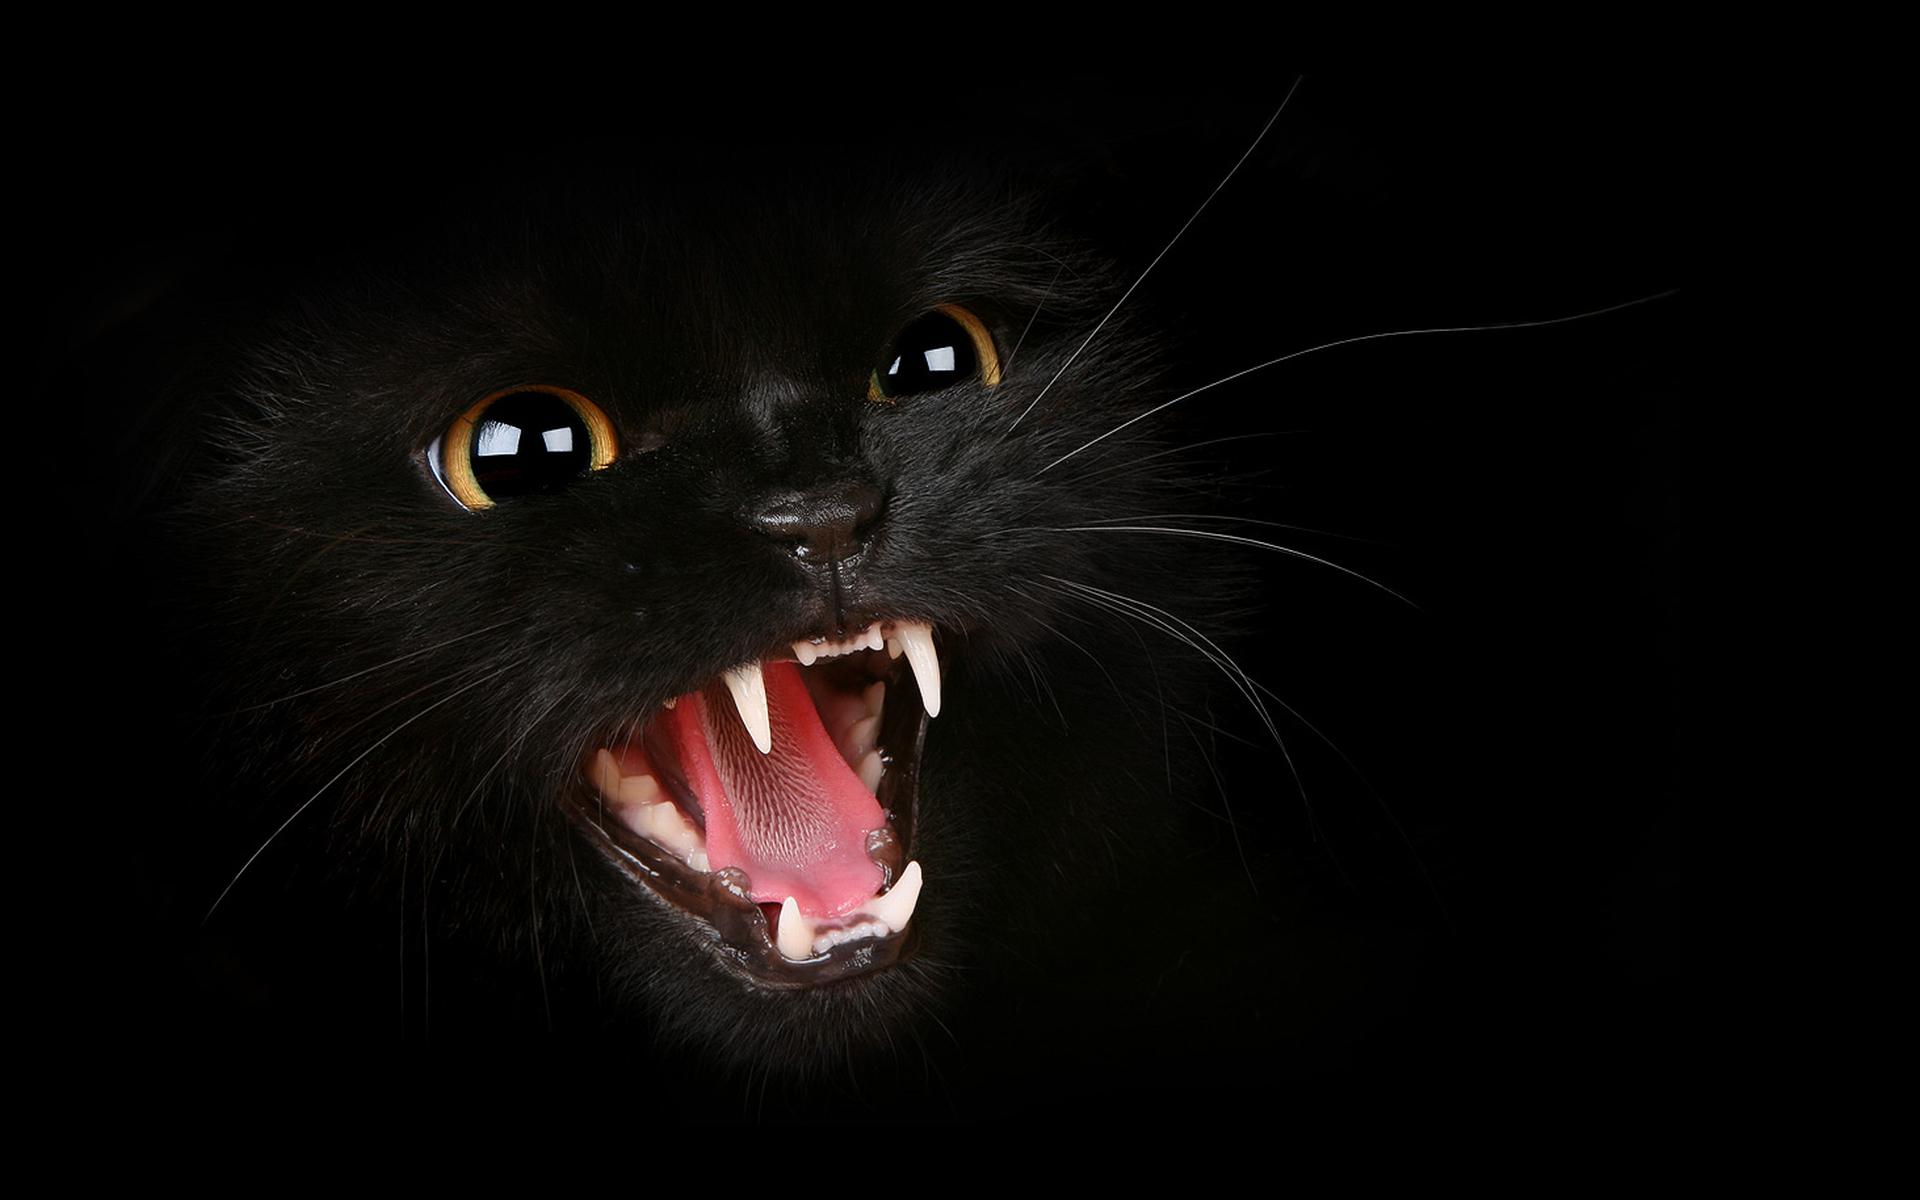 обои на рабочий стол черная кошка с зелеными глазами № 174223  скачать